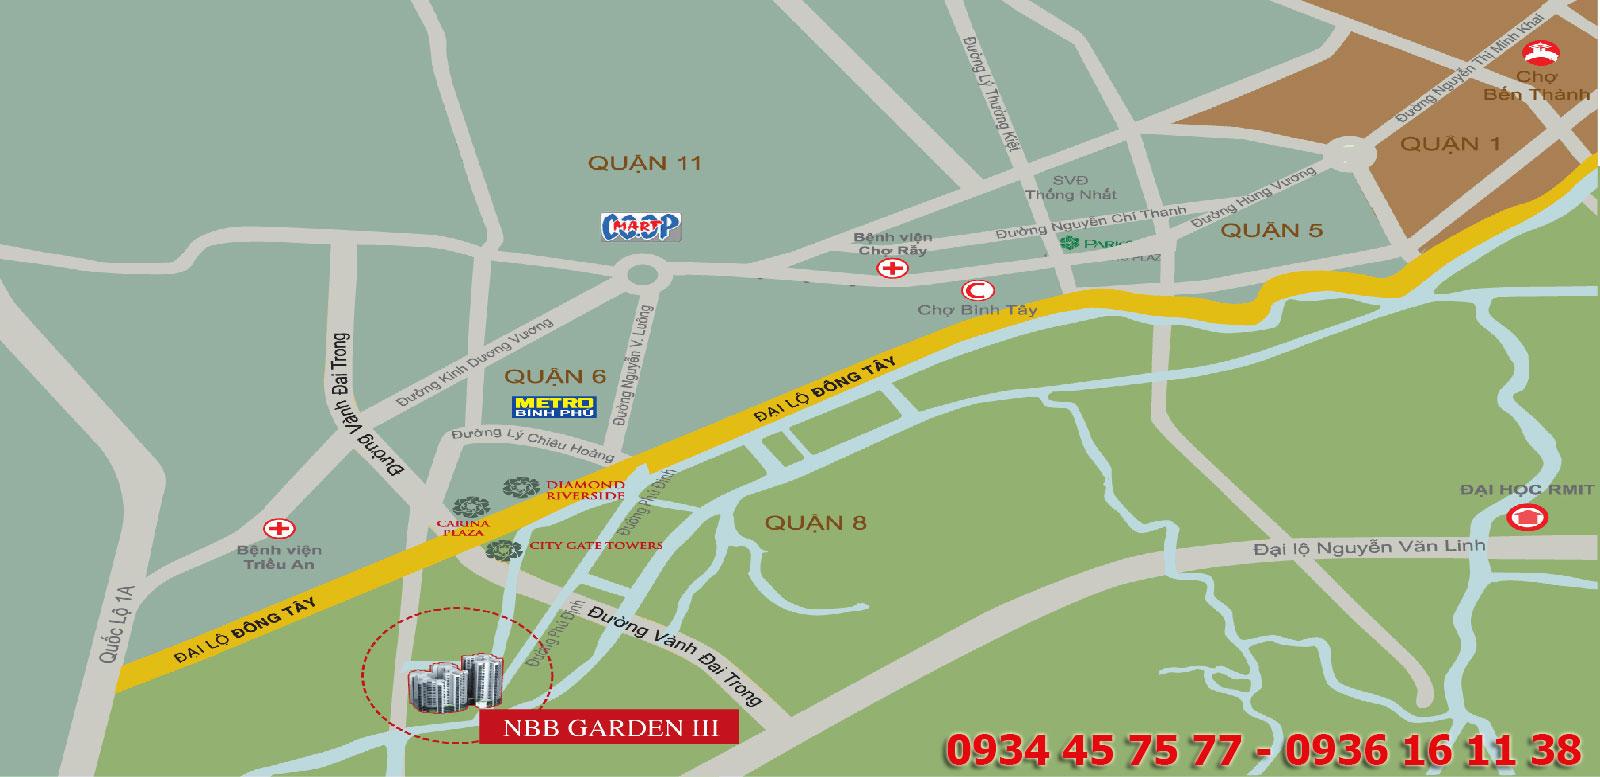 Căn hộ NBB Garden 3, NBB Garden 3, Căn hộ NBB Garden 3 Quận 8